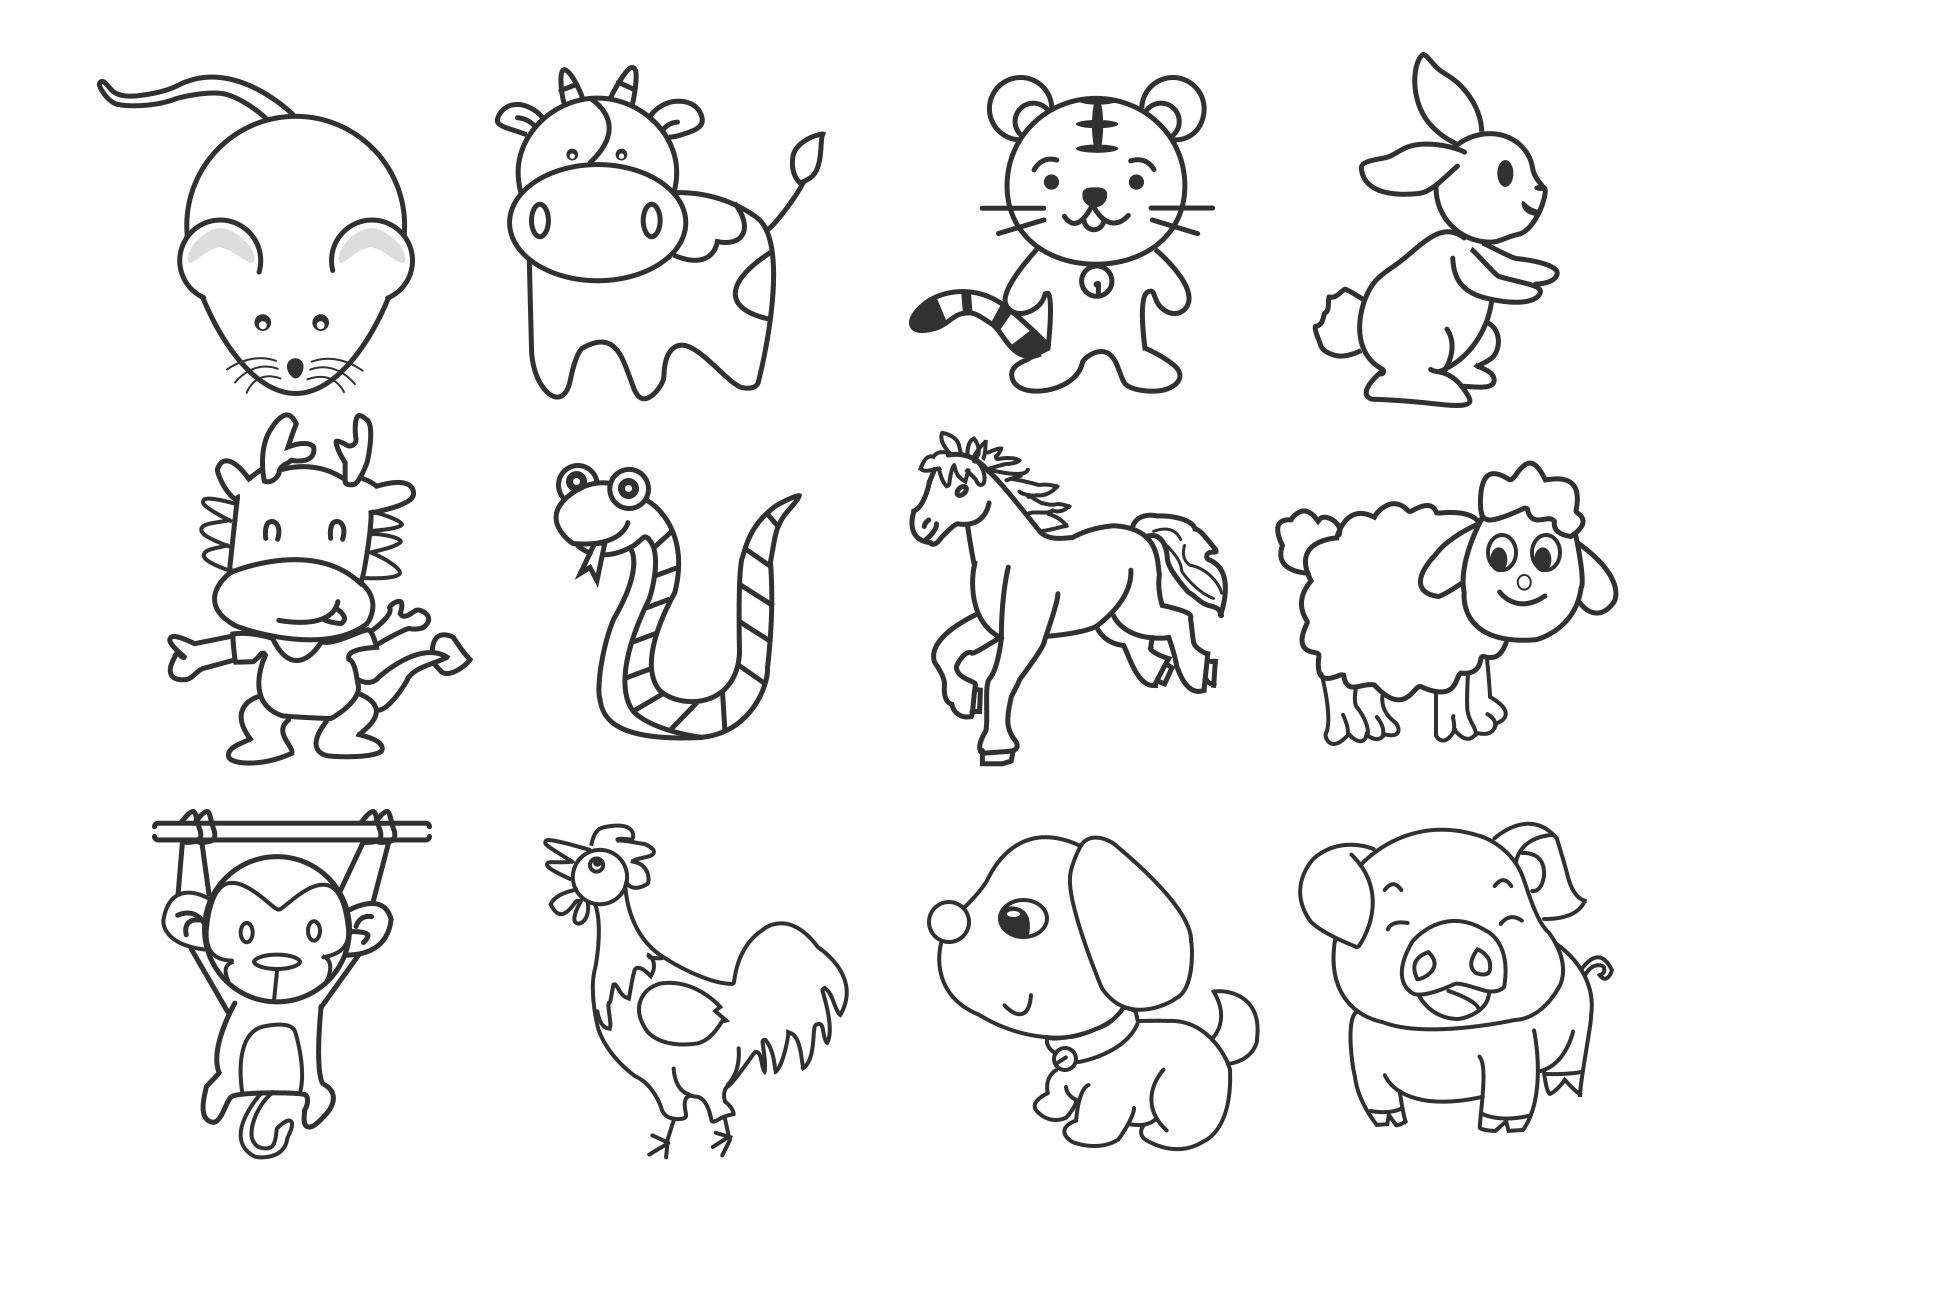 十二生肖里最简单画的是哪些?图片